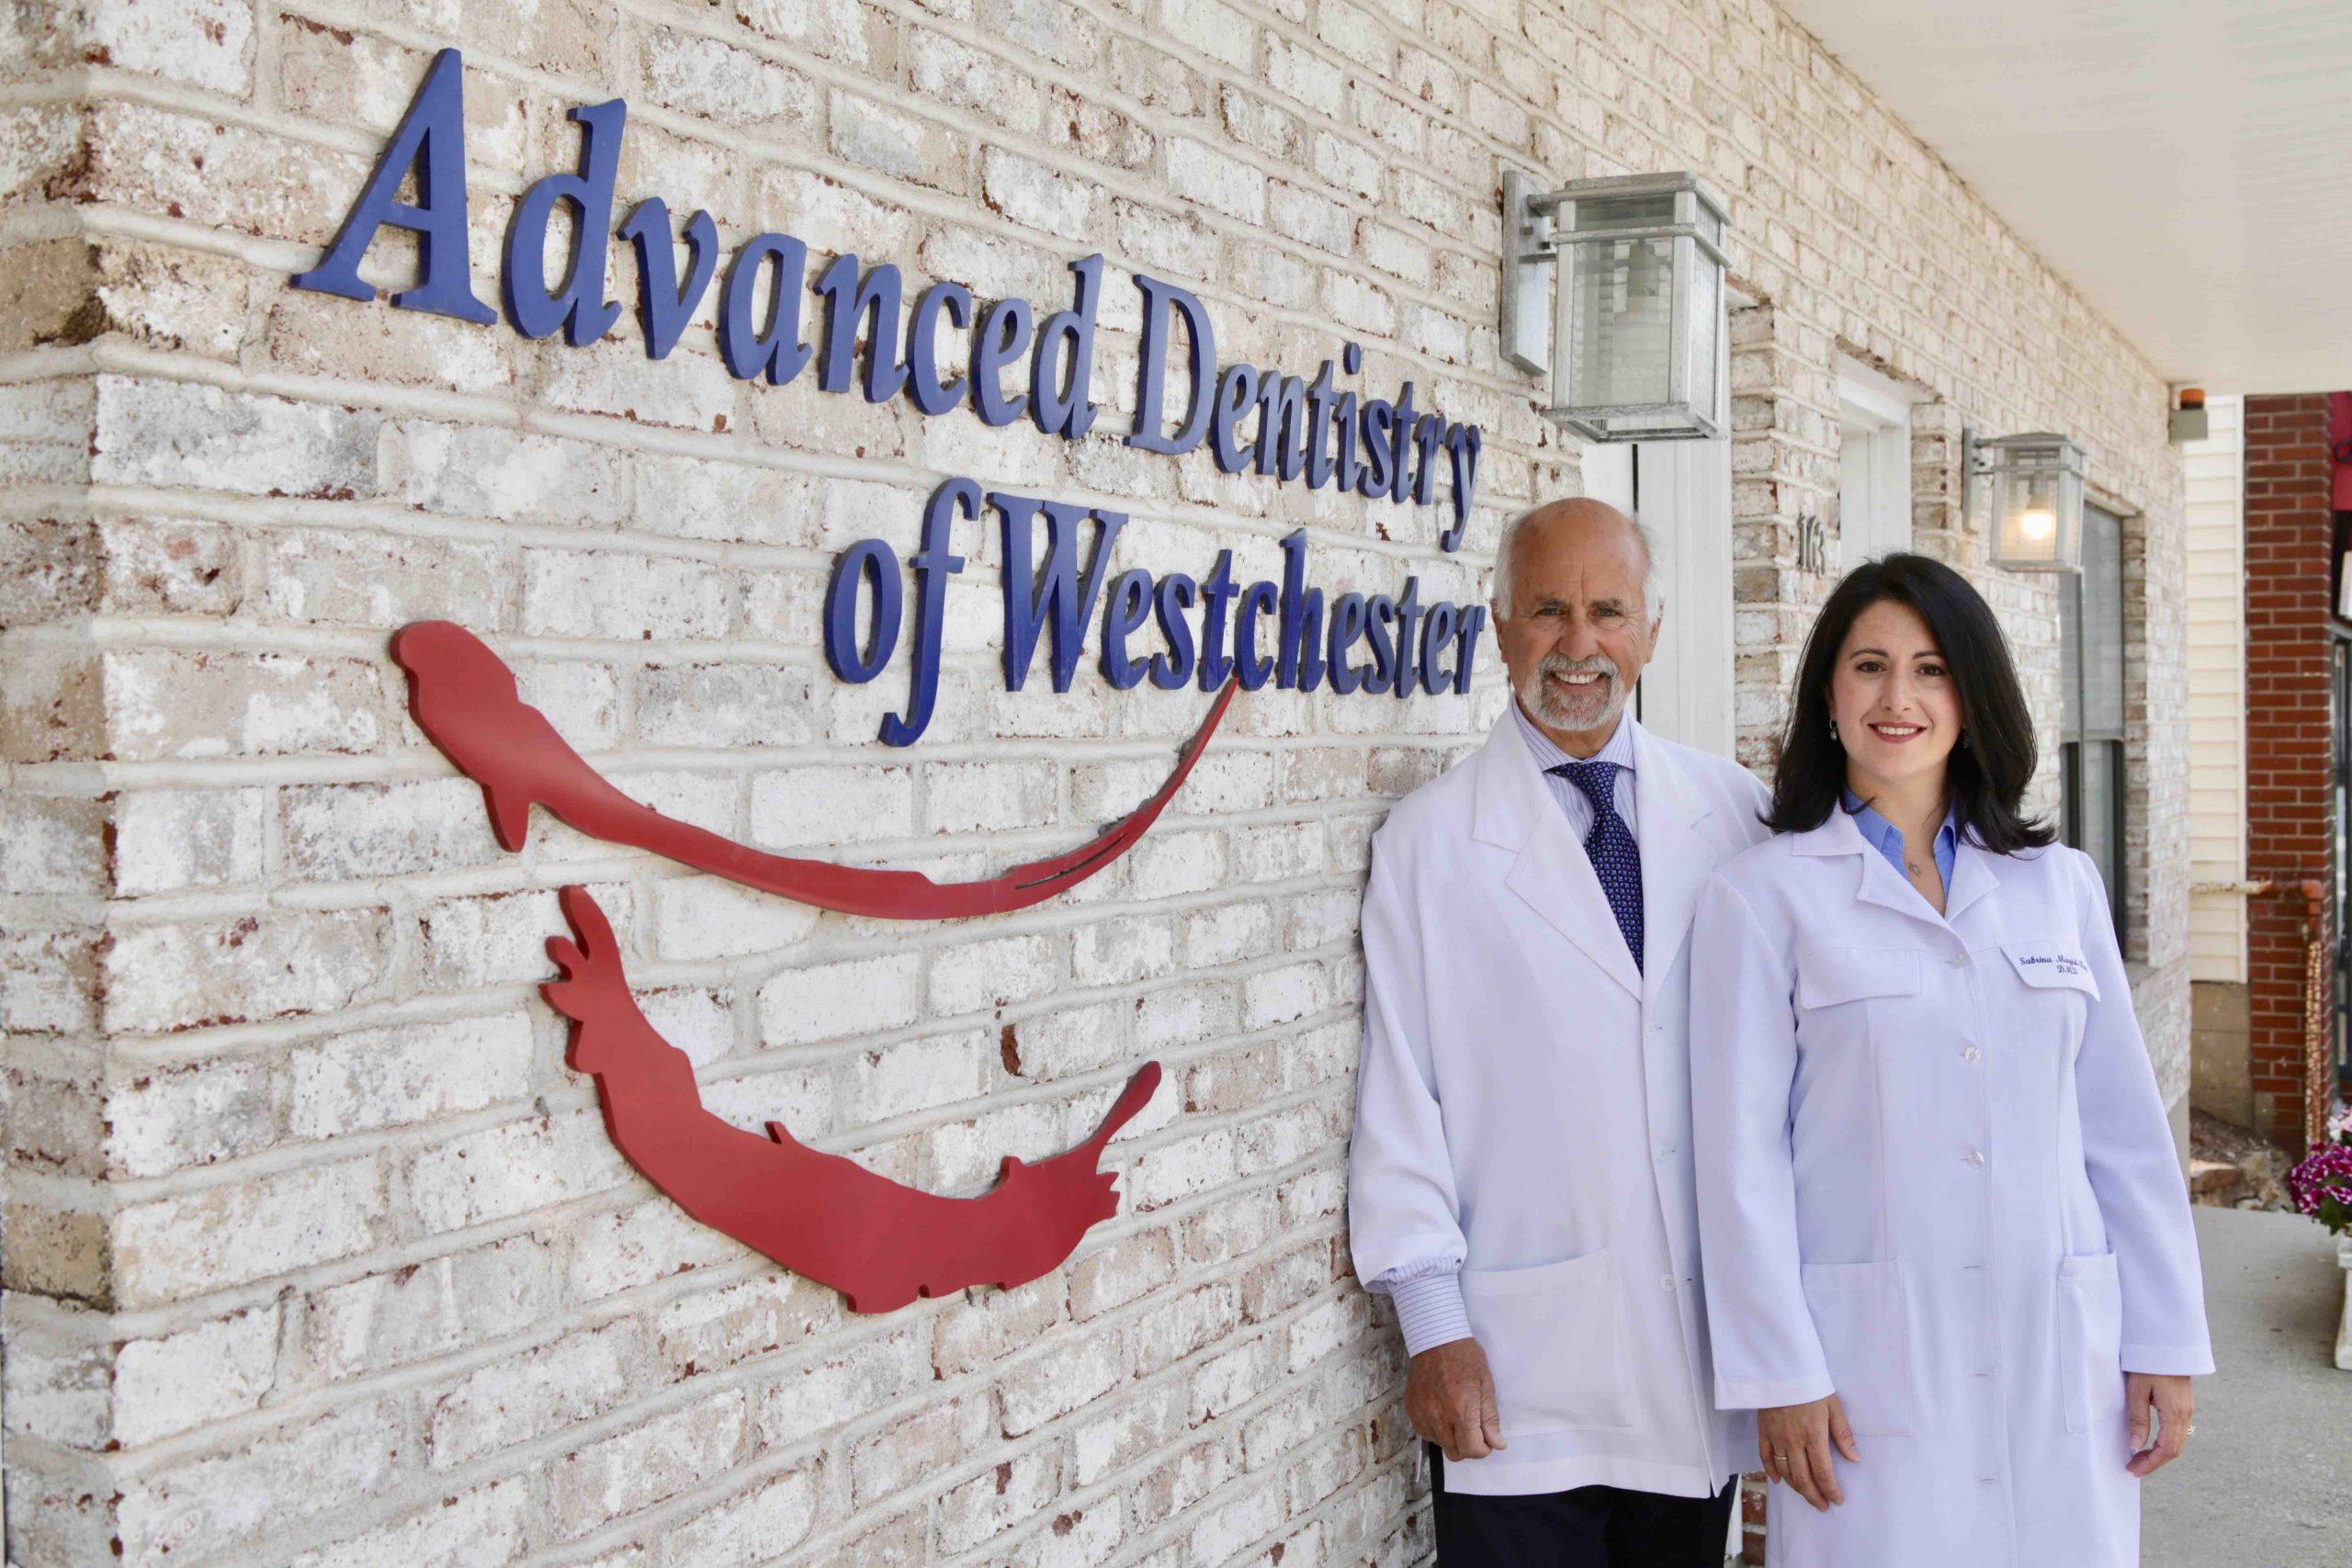 Dr. Ken Magid Dr. Sabrina Magid Katz eco friendly dentistry